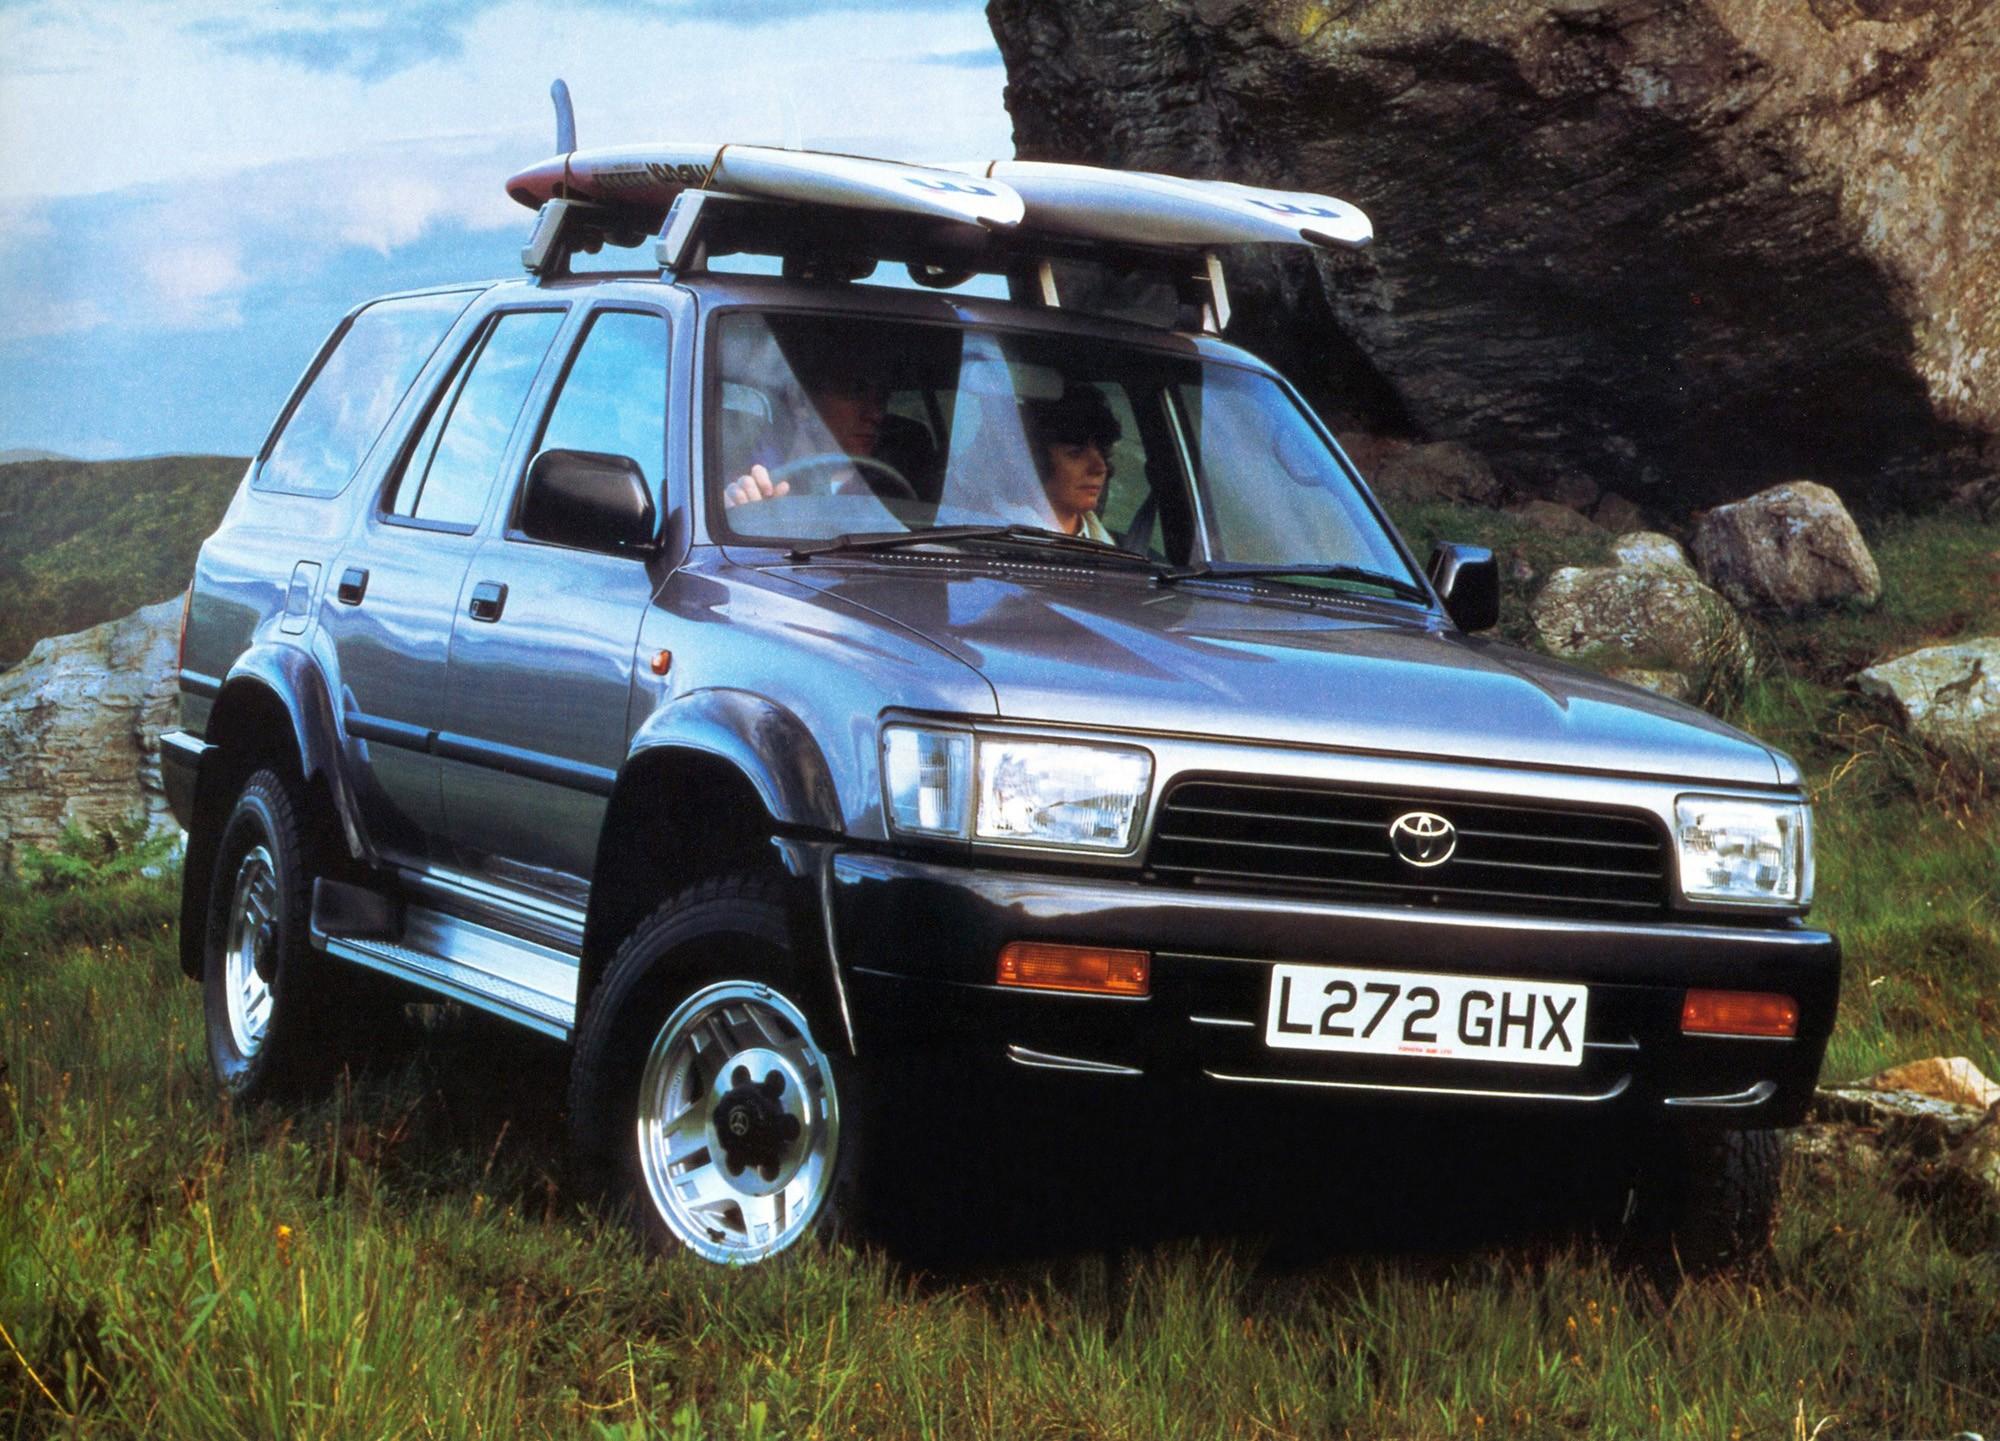 Used Toyota 4runner >> TOYOTA 4Runner - 1990, 1991, 1992, 1993, 1994, 1995 - autoevolution